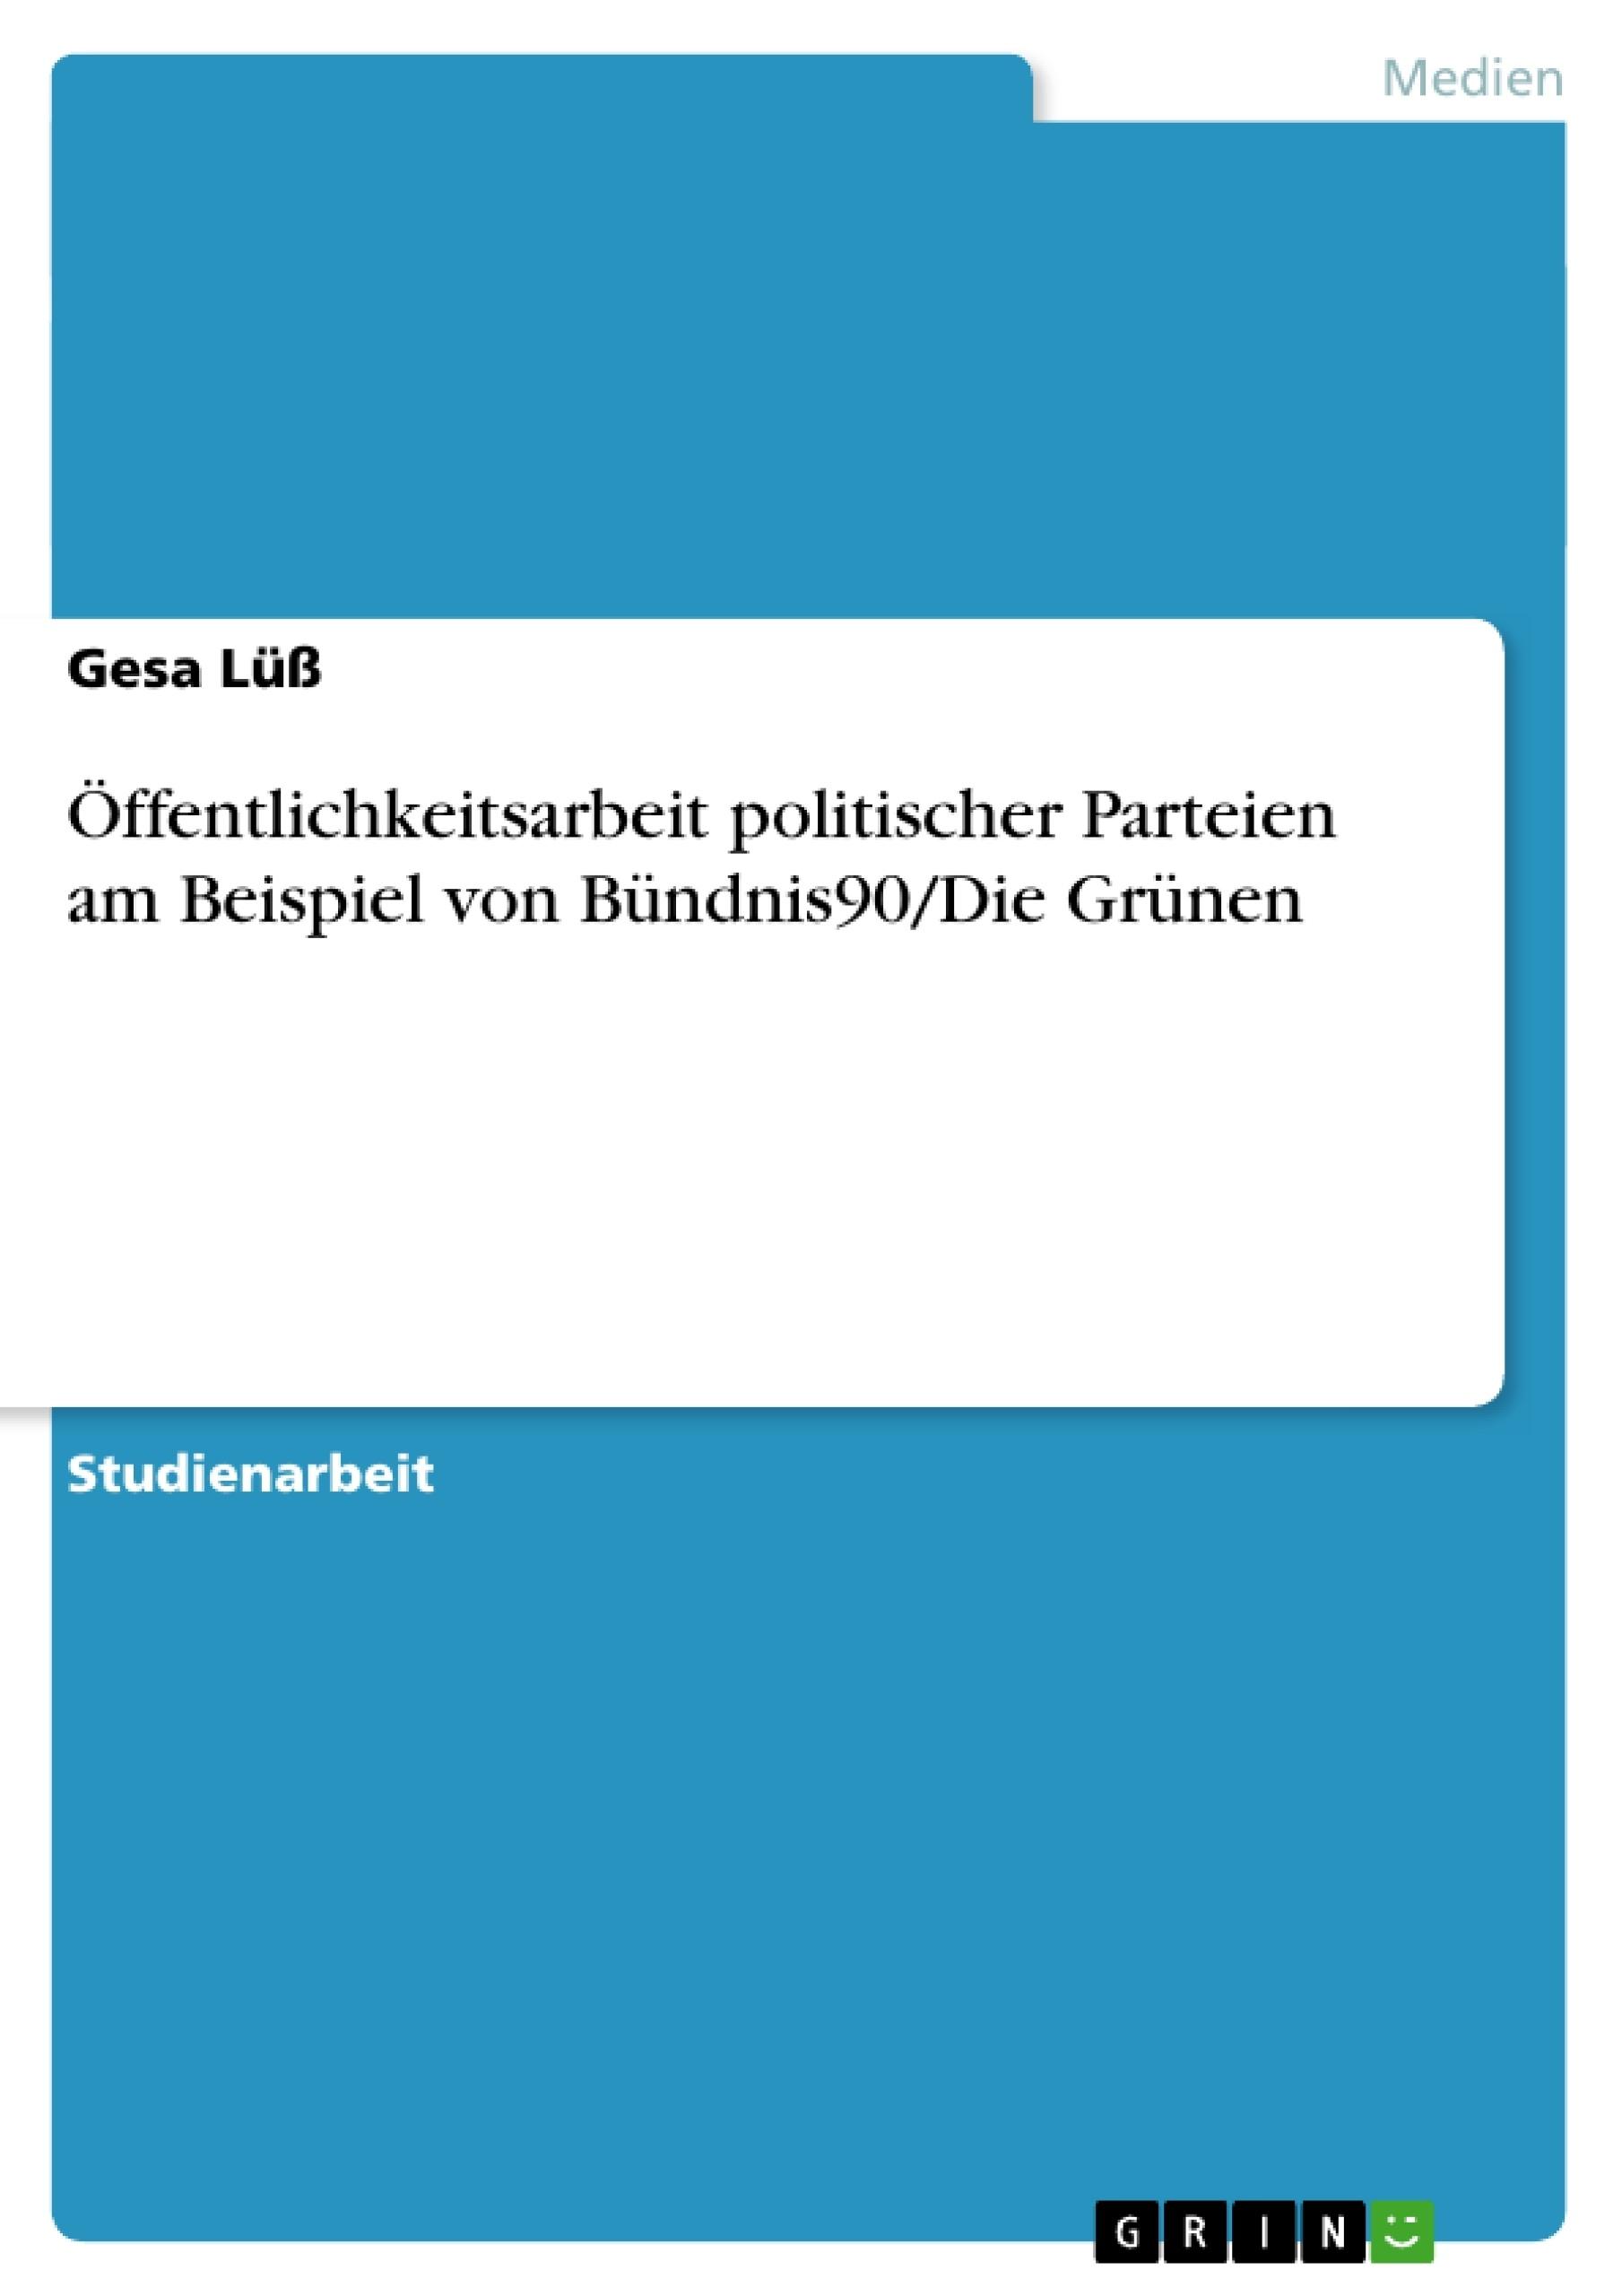 Titel: Öffentlichkeitsarbeit politischer Parteien am Beispiel von Bündnis90/Die Grünen